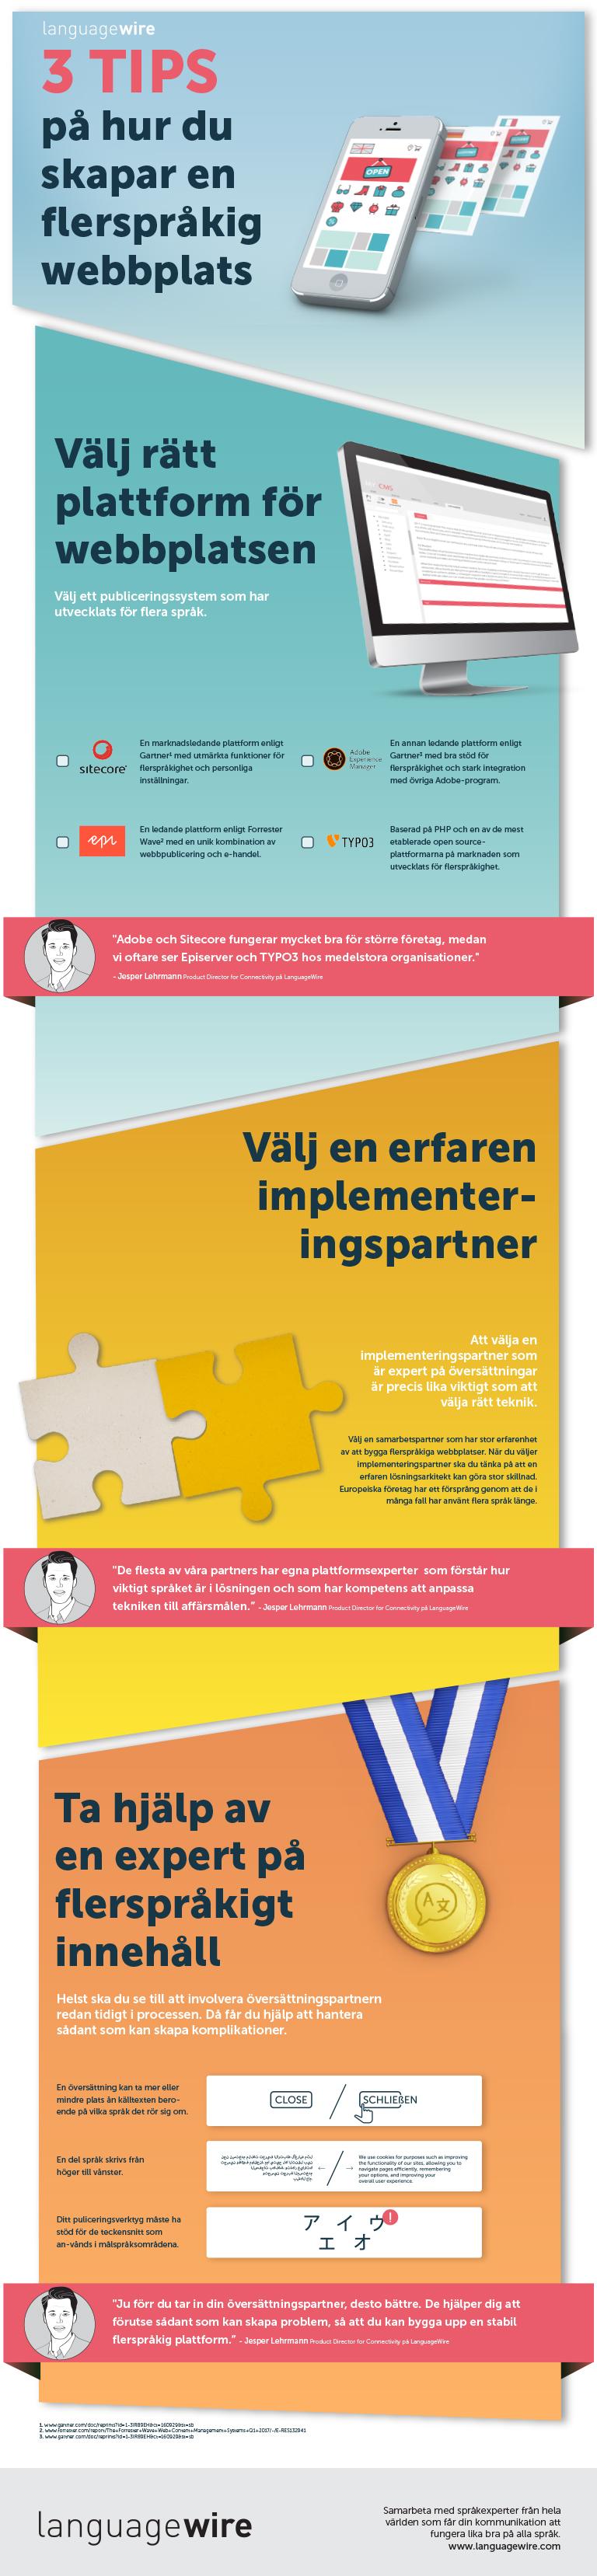 3 tips på hur du skapar en flerspråkig webbplats